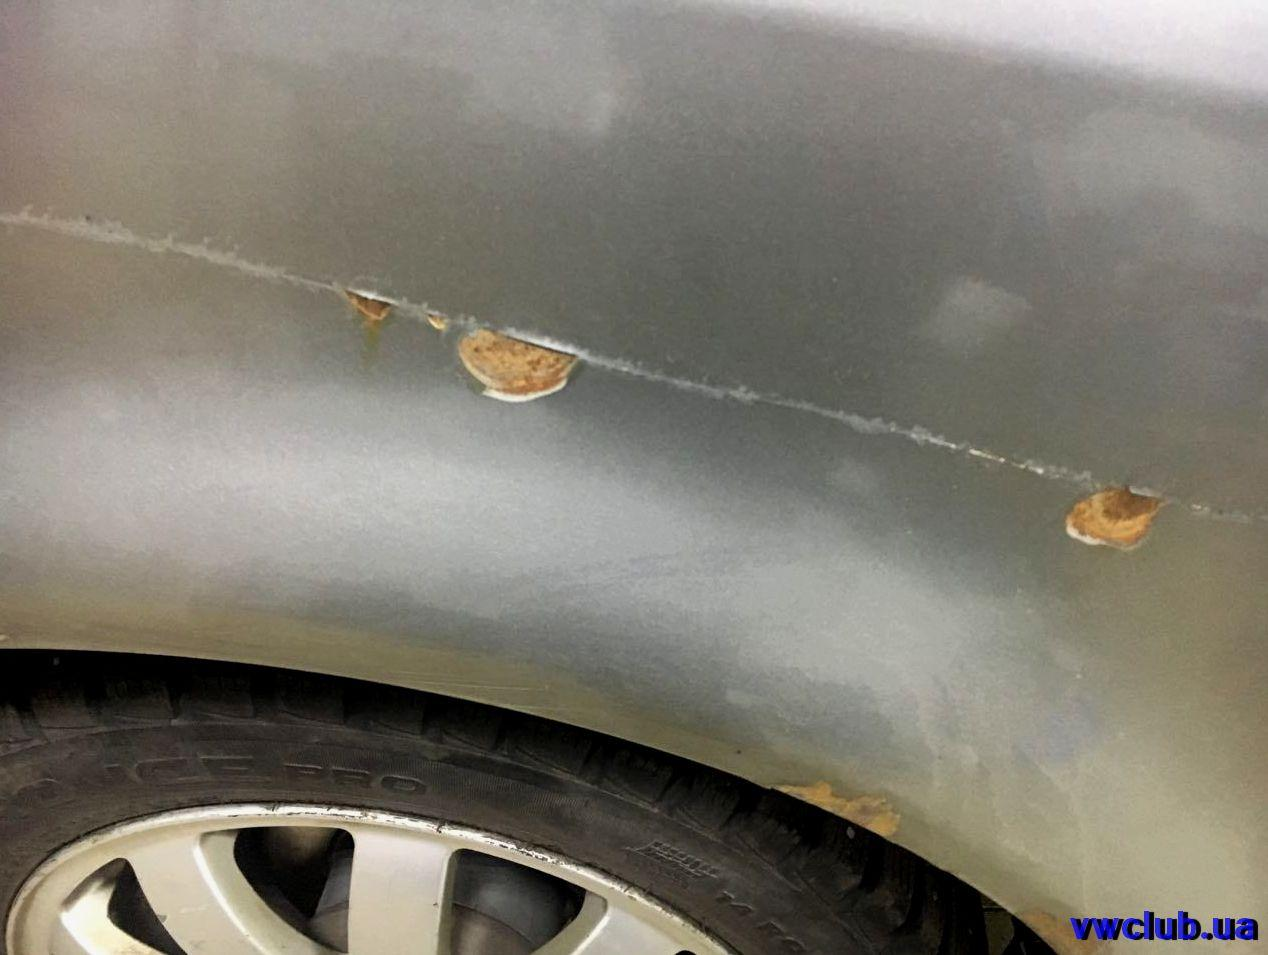 Как убрать глубокие сколы на машине